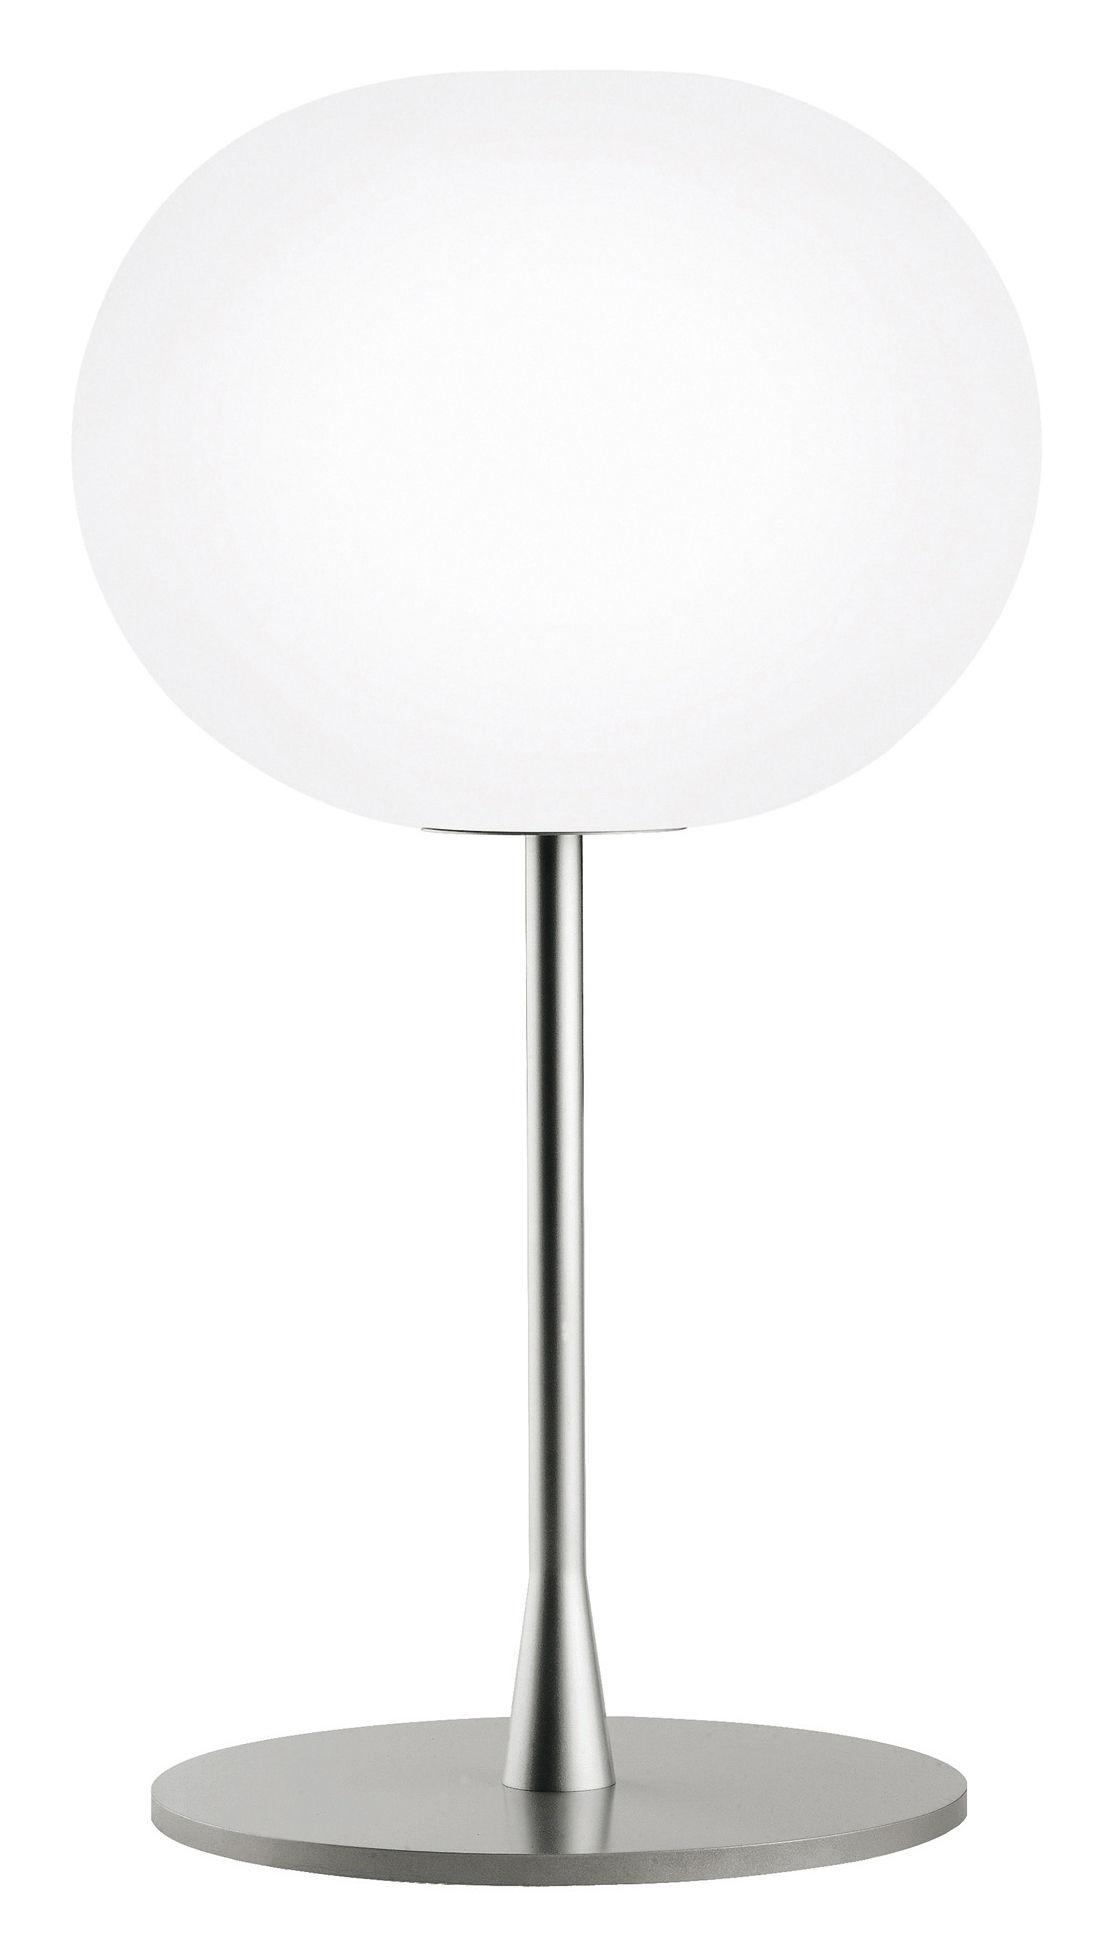 Leuchten - Tischleuchten - Glo-Ball T1 Tischleuchte - Flos - Höhe 60 cm - Glas, Stahl